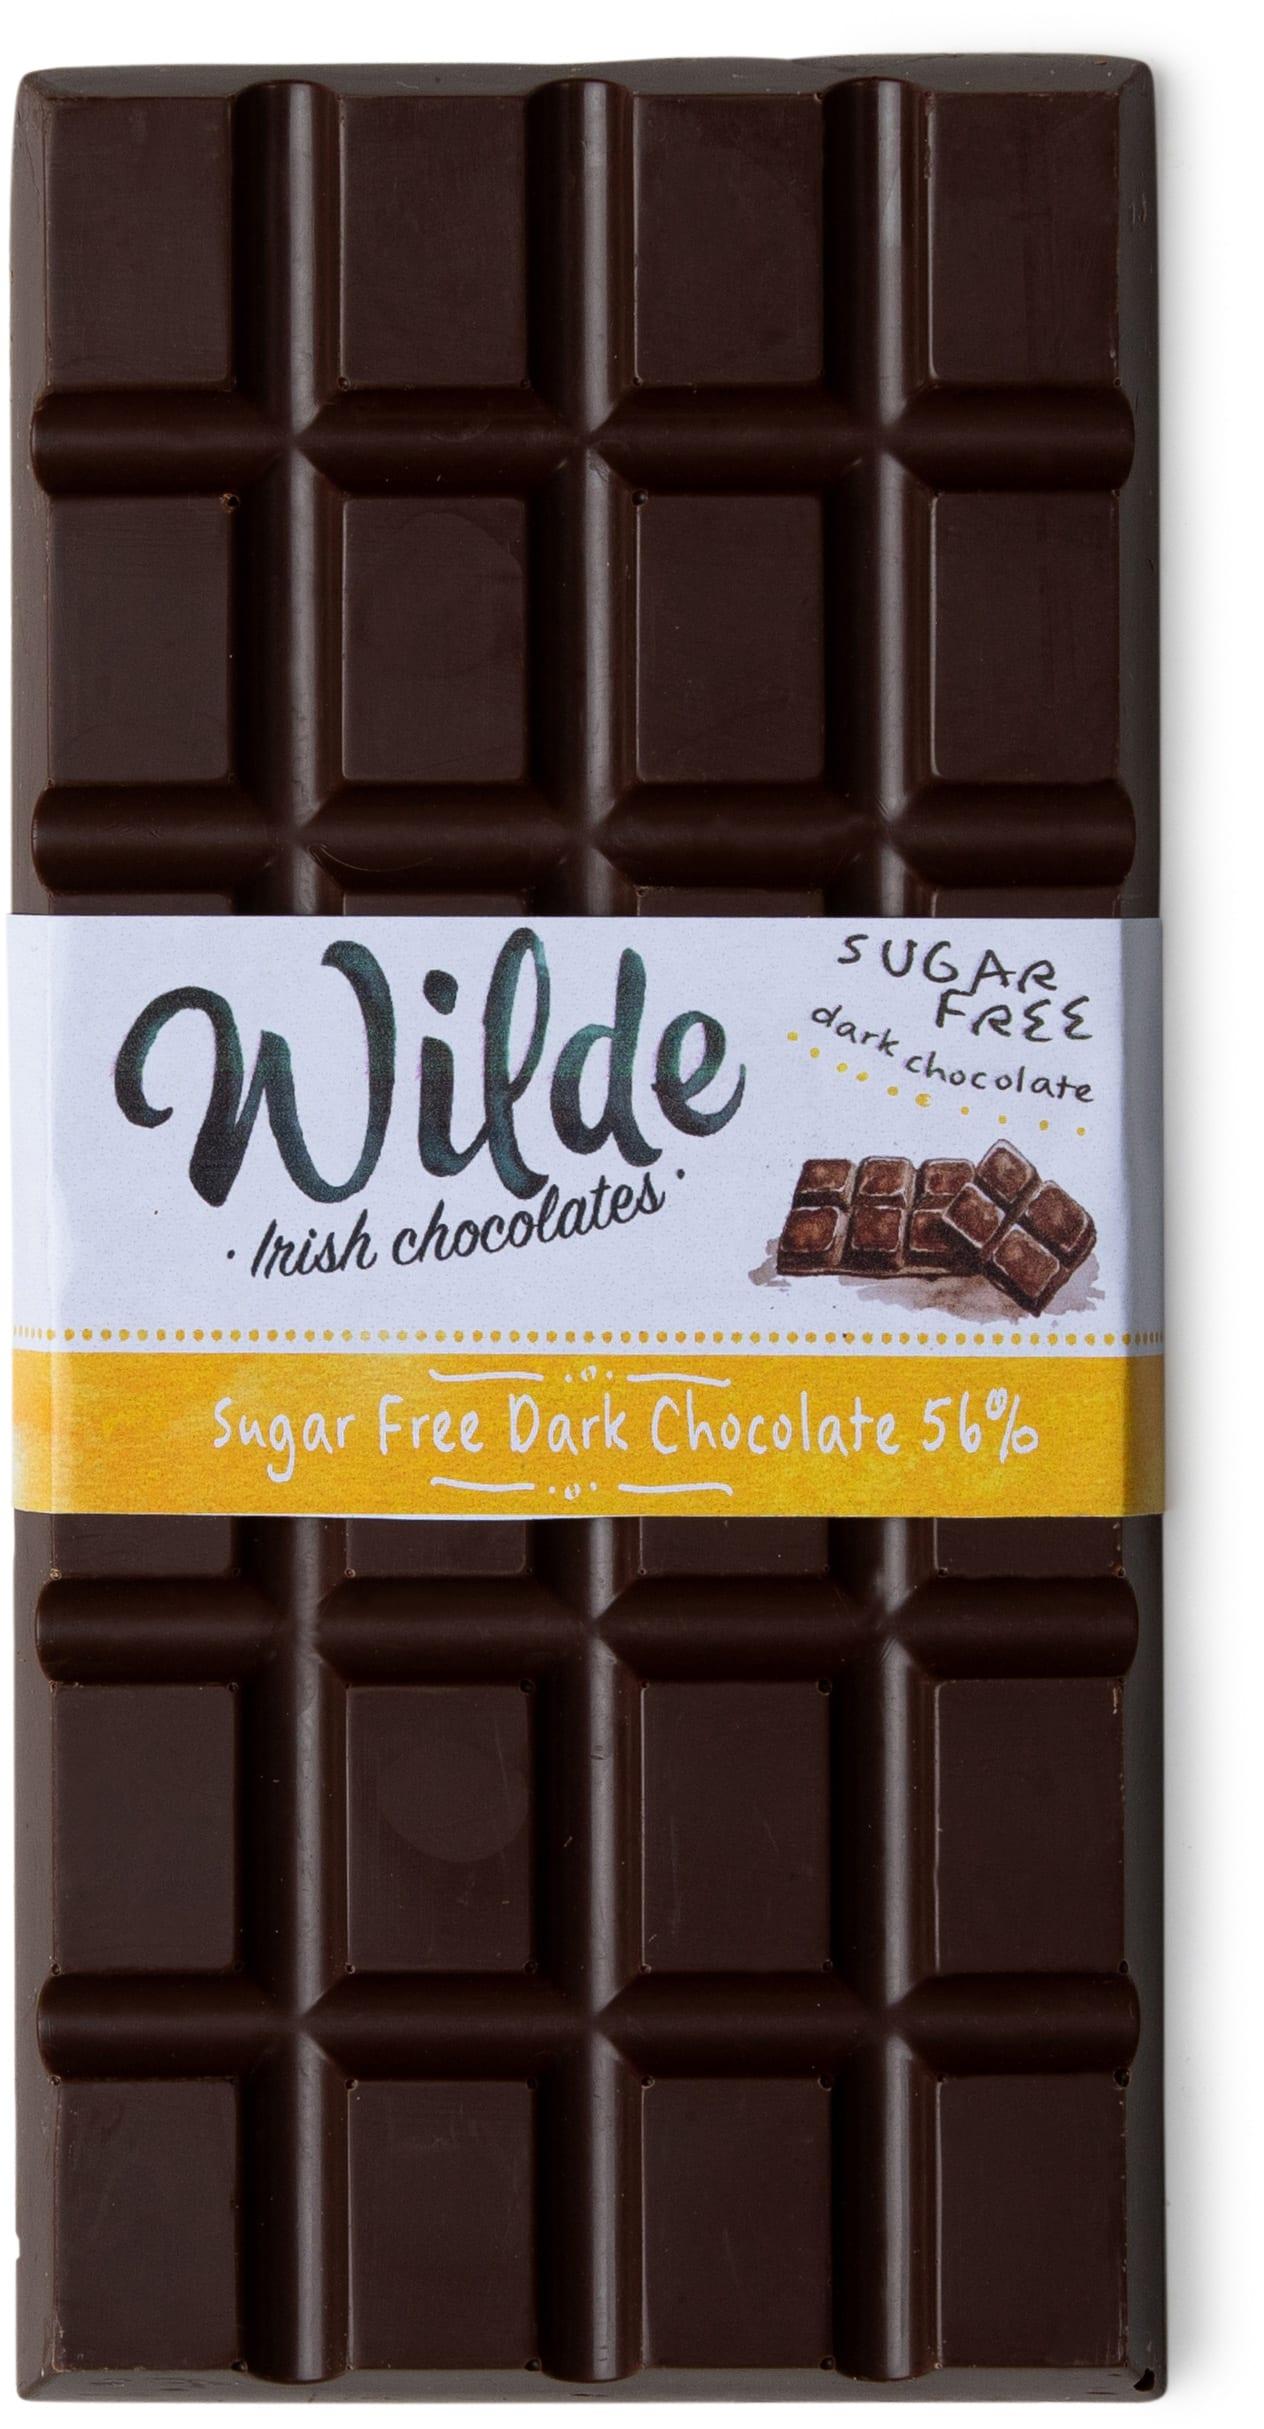 sugar free dark 56% chocolate bar - Wilde Irish Chocolates